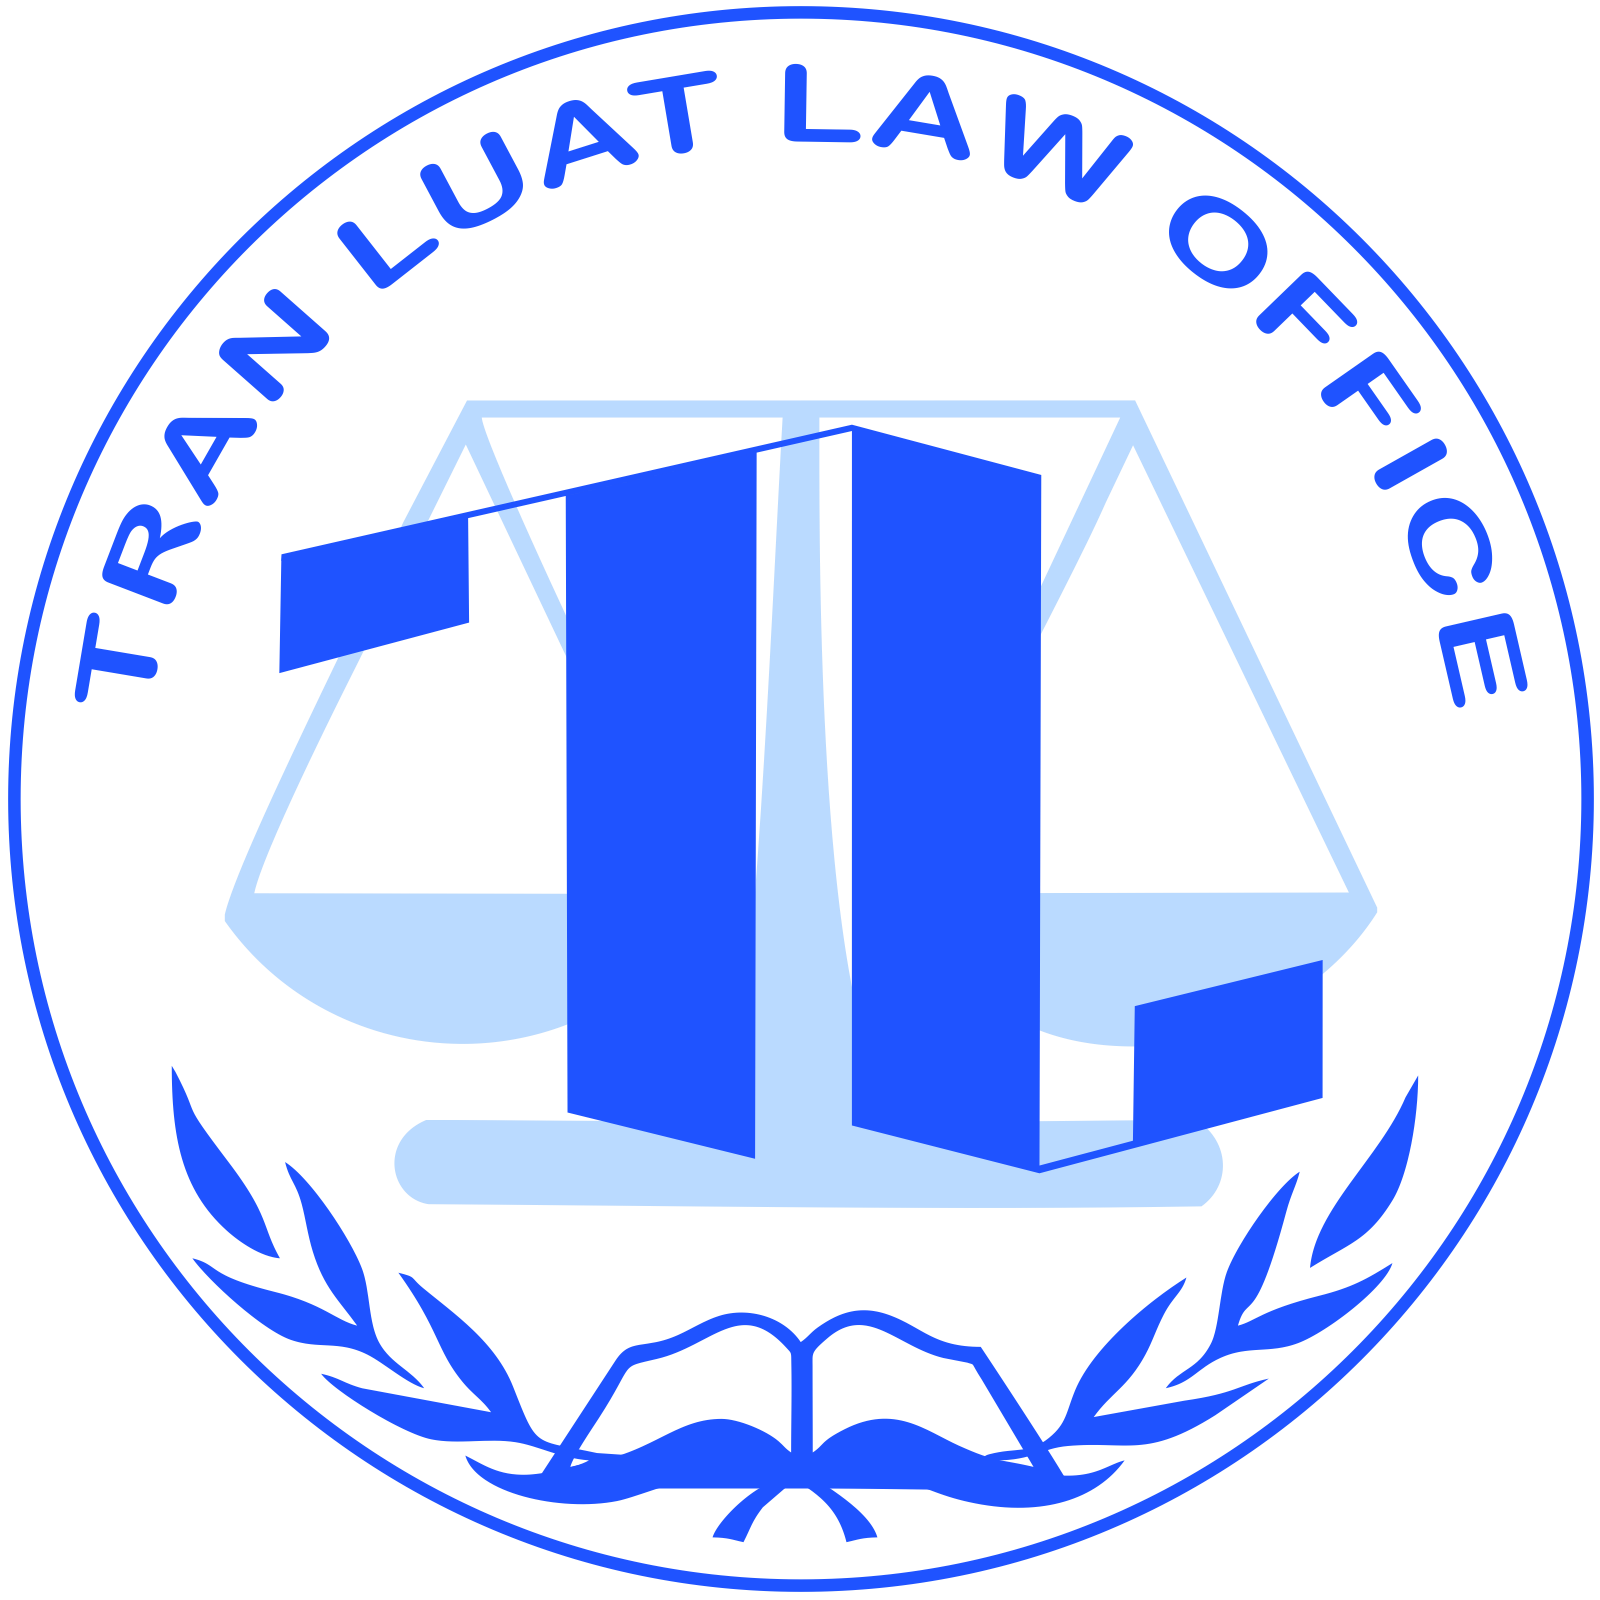 Logo Văn phòng luật sư Trần Luật